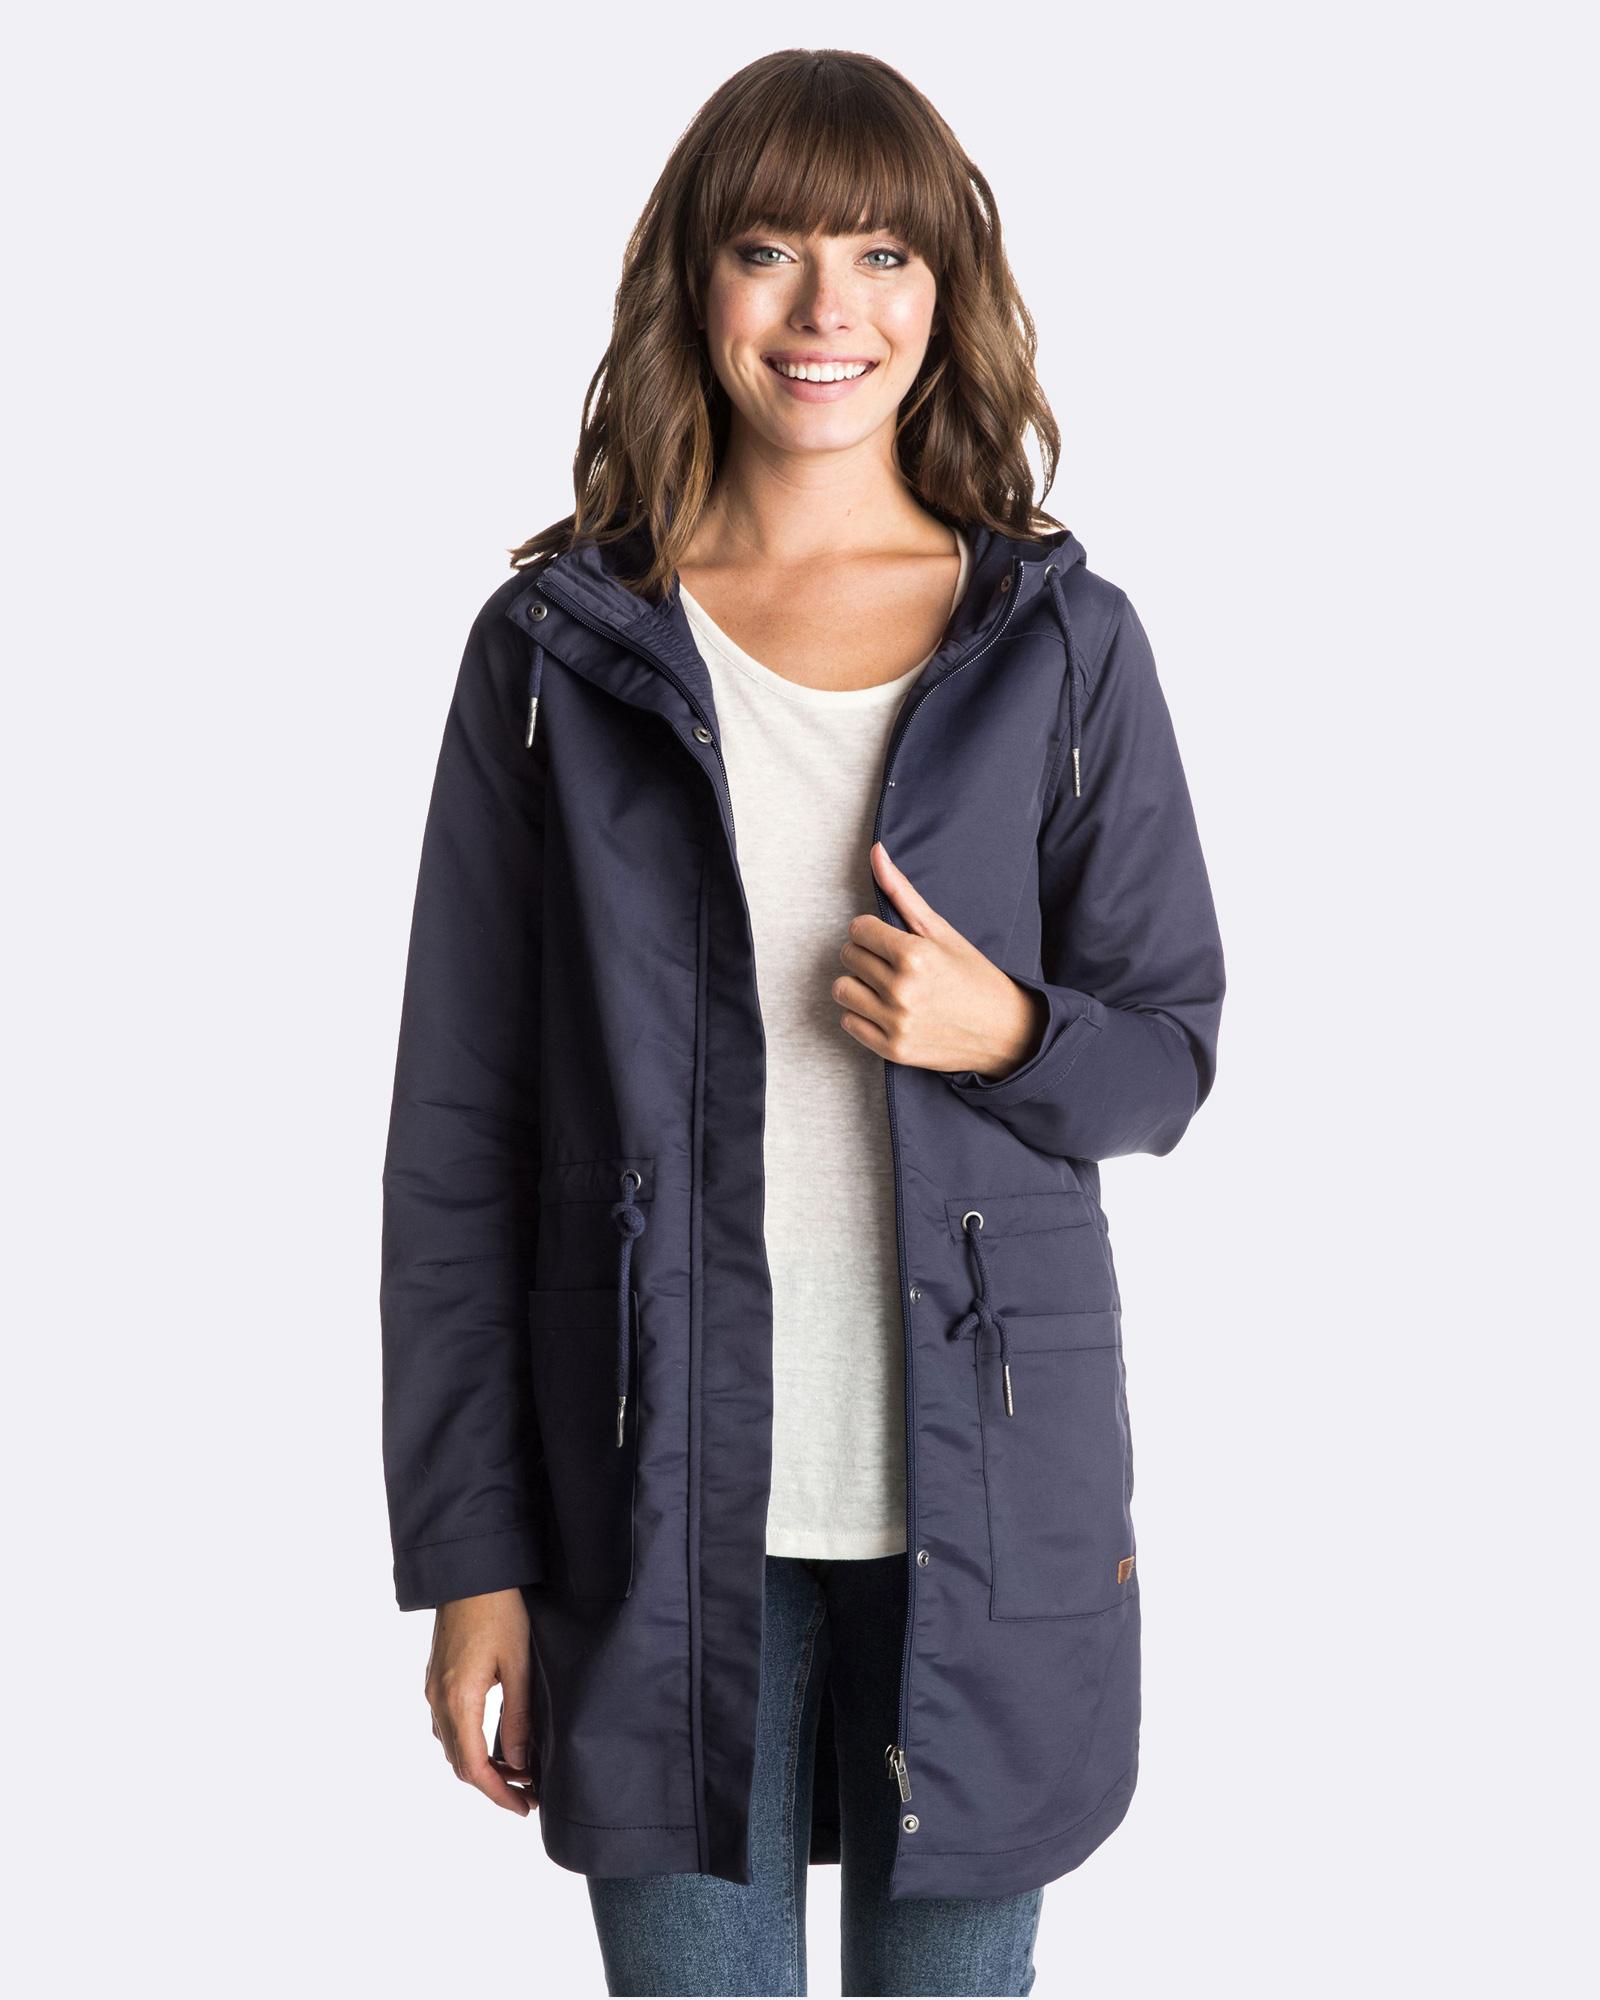 Buy Parka Jacket Online - JacketIn